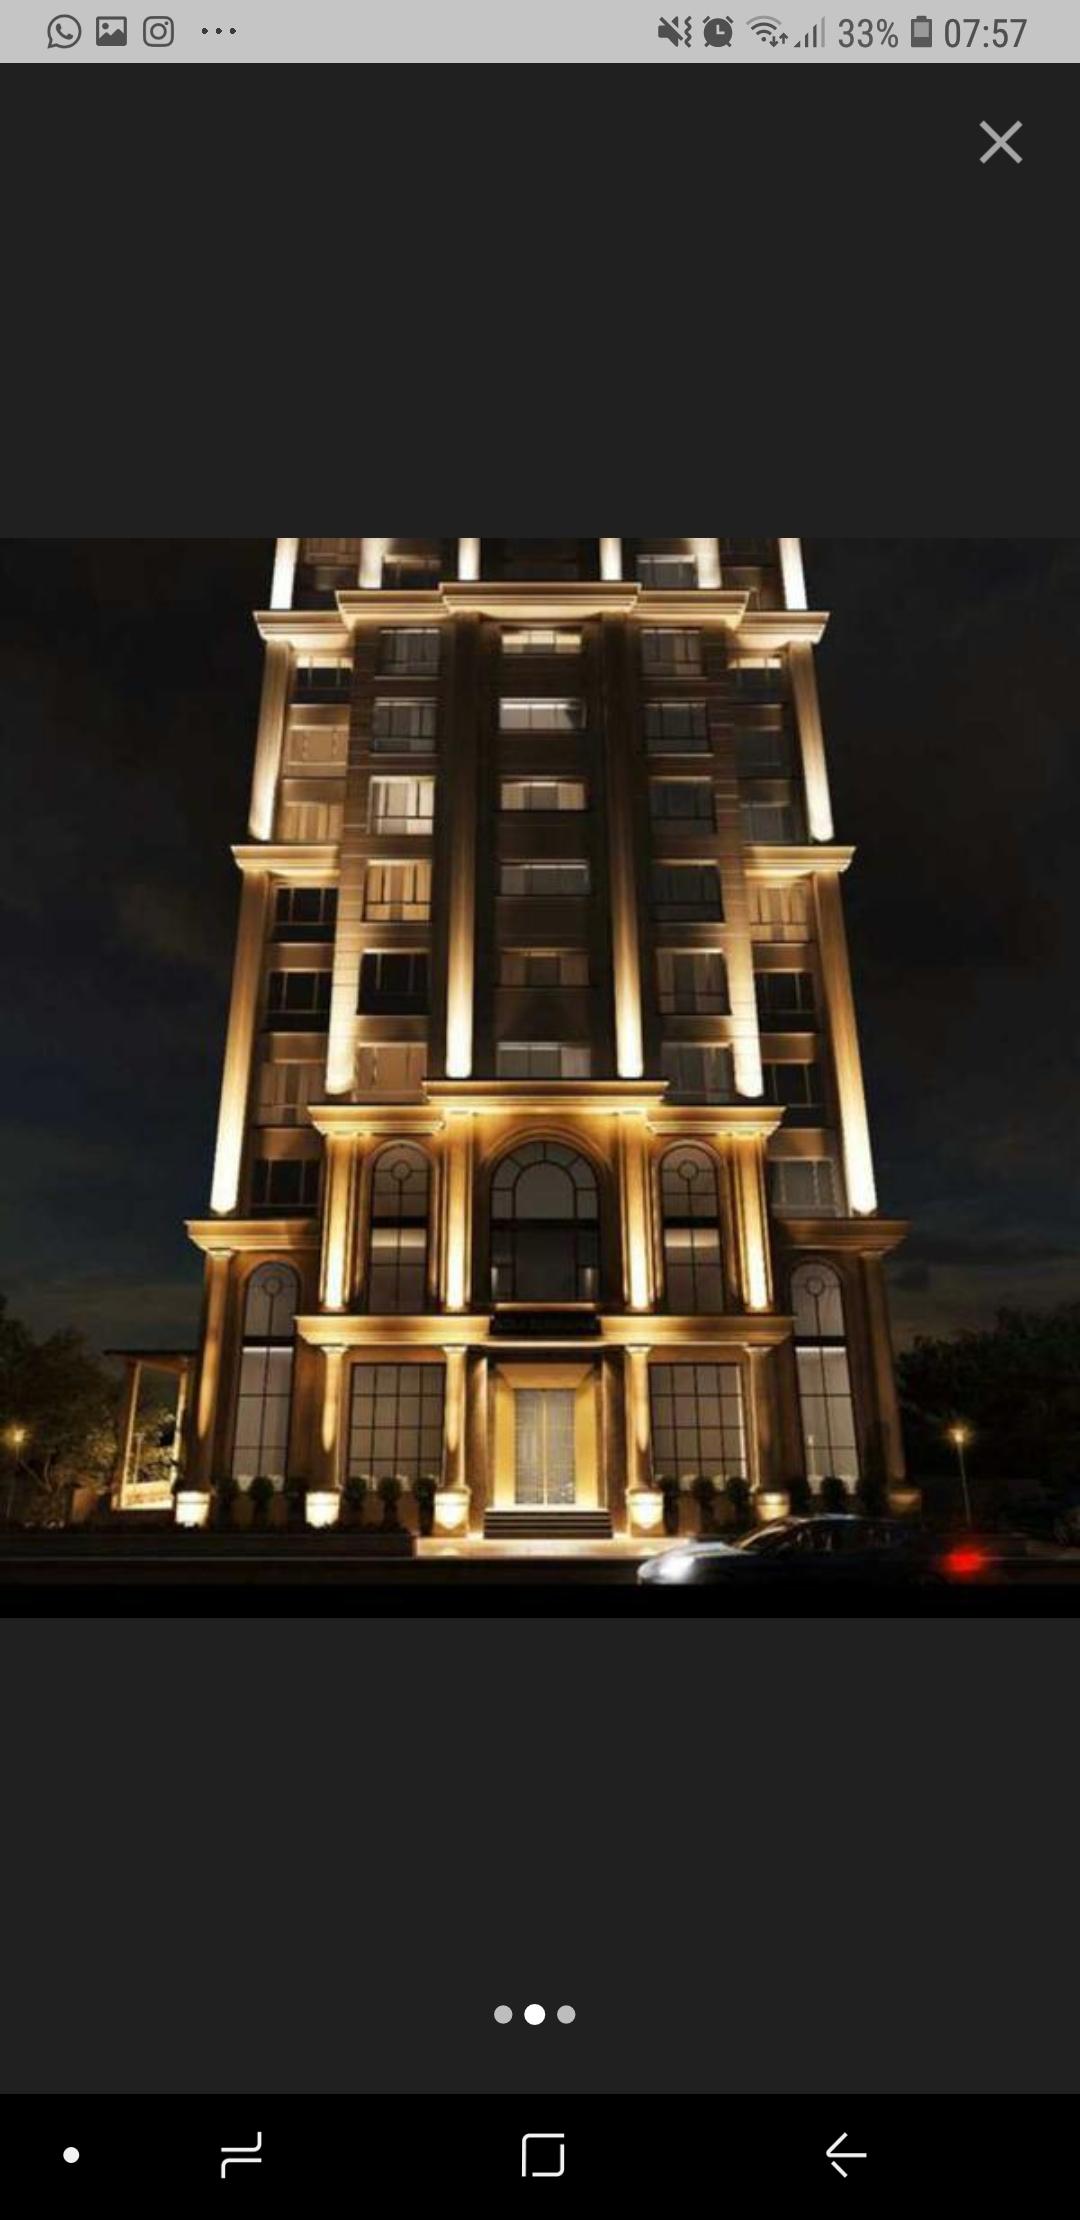 پیش فروش ۲۷۰ متری لاکچری در برج لوگس پارلمان در چیتگر